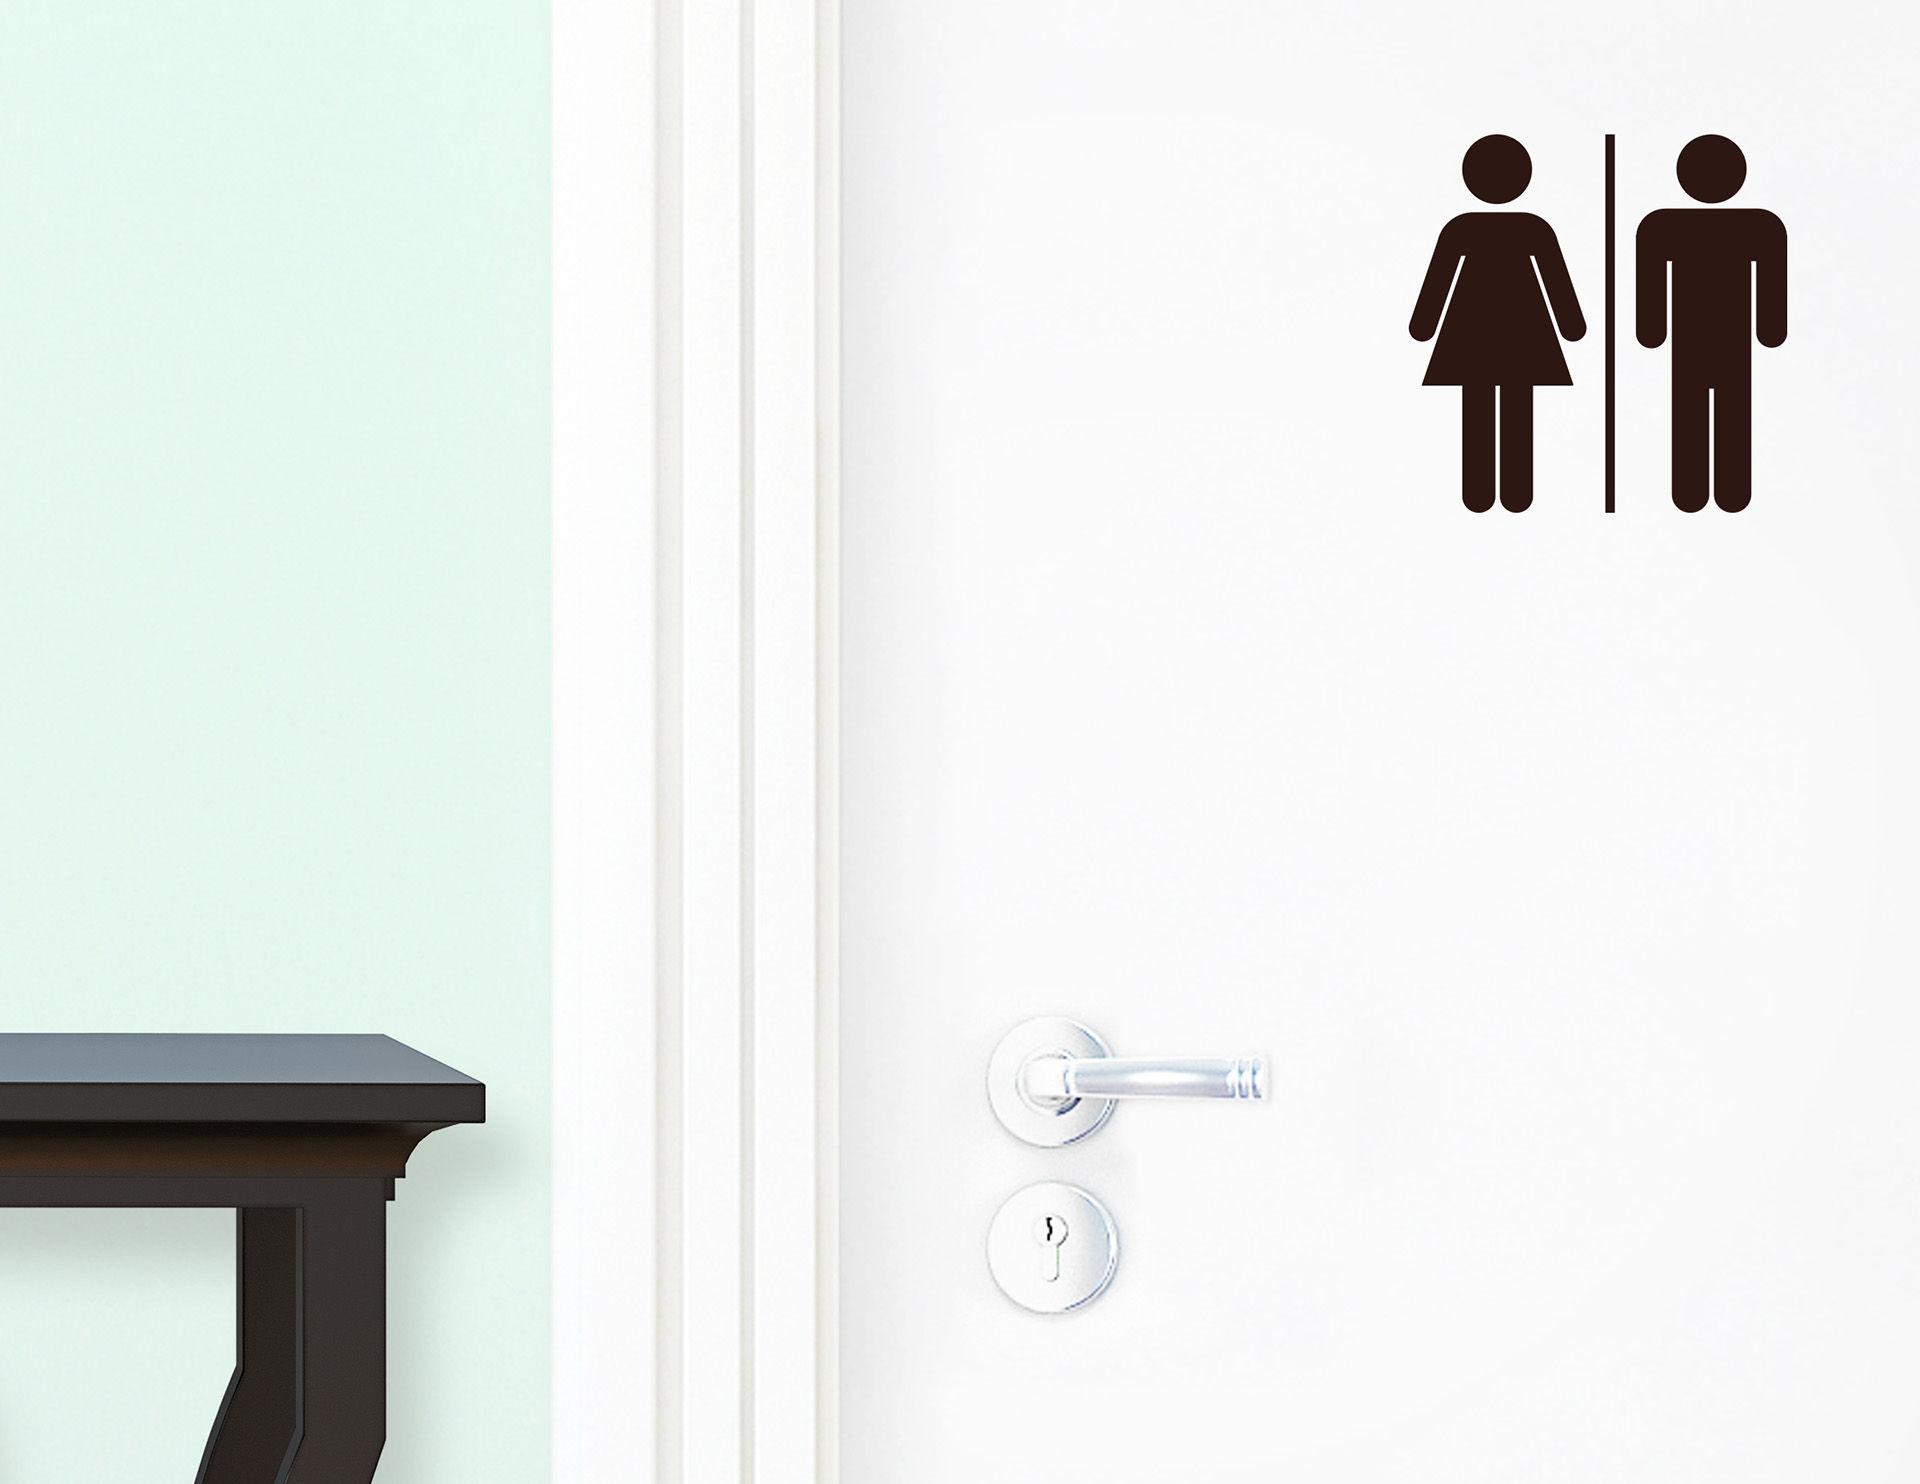 WC Mann & Frau - Aufkleber für die Tür in Bad & Toilette